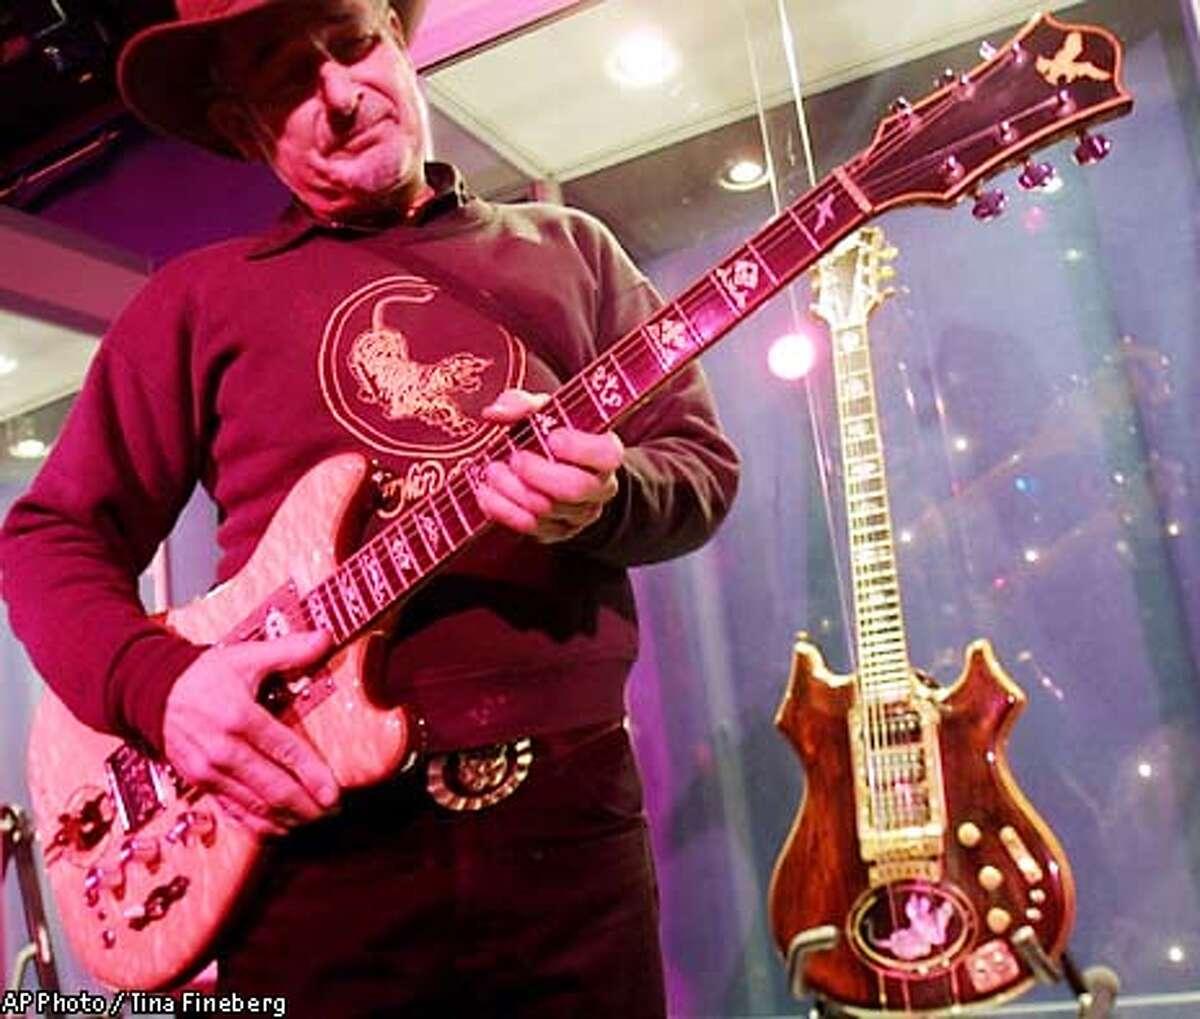 Guitar maker Doug Irwin strums